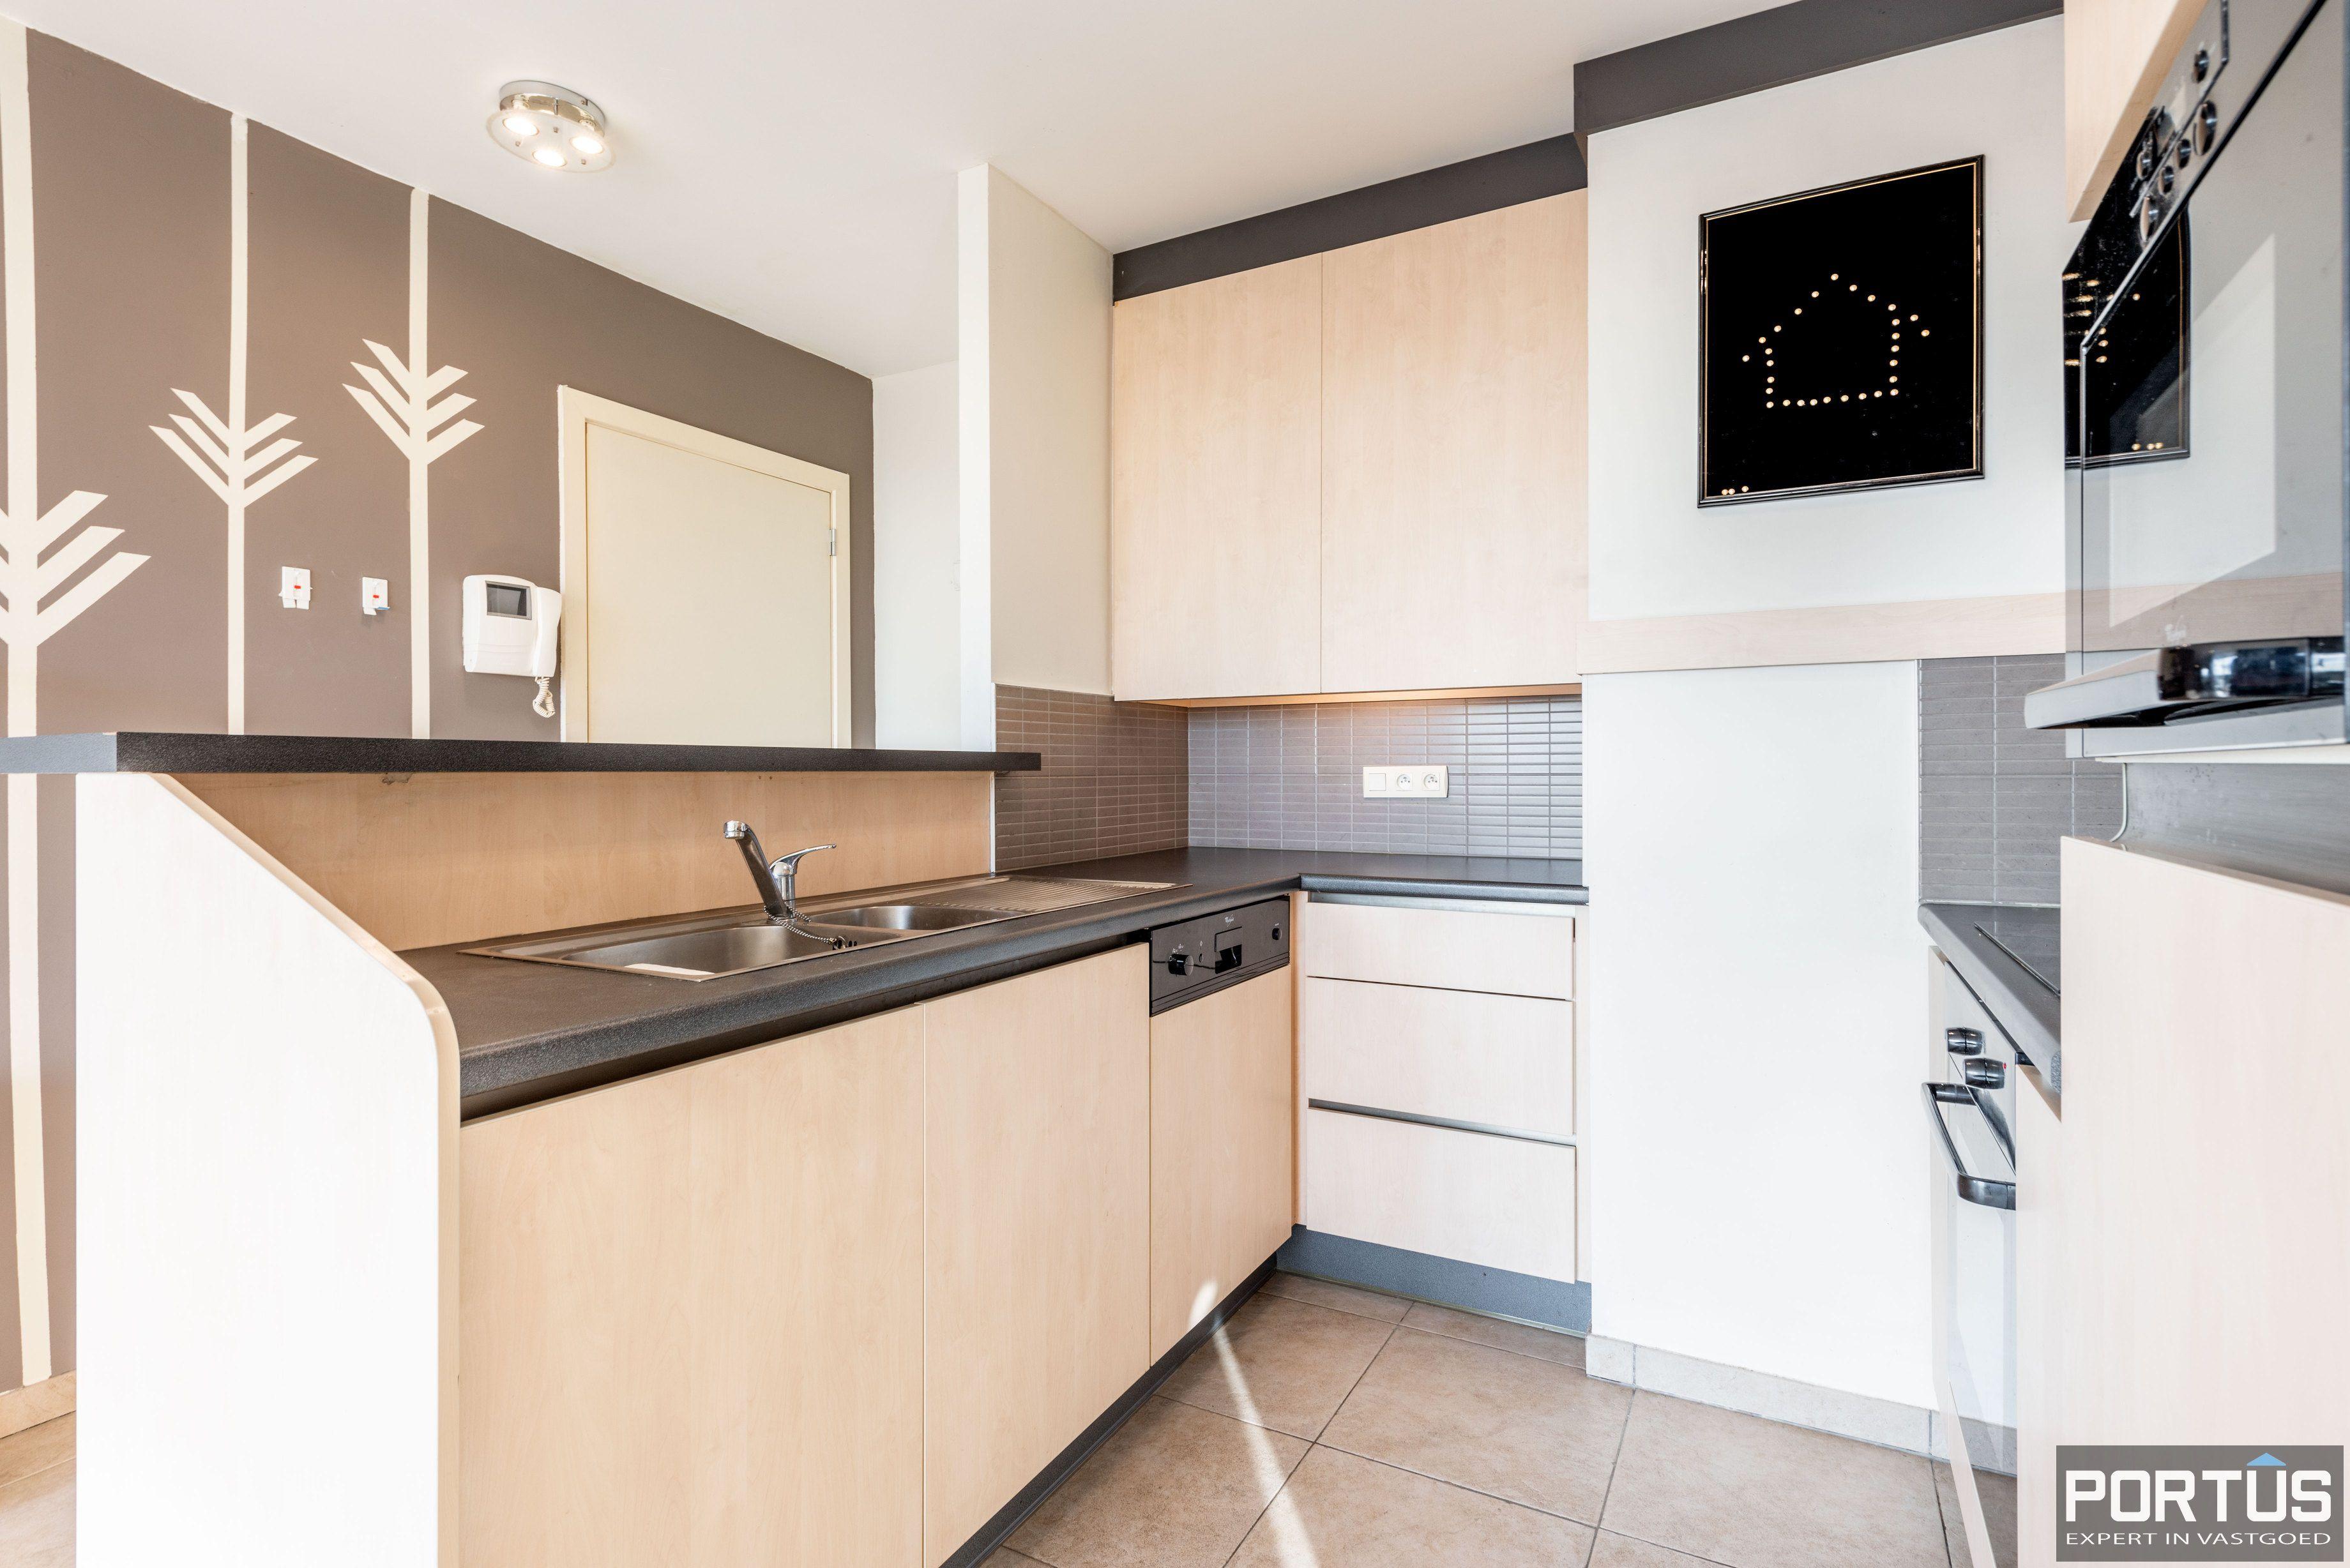 Instapklaar zongericht appartement te koop te Nieuwpoort - 9048